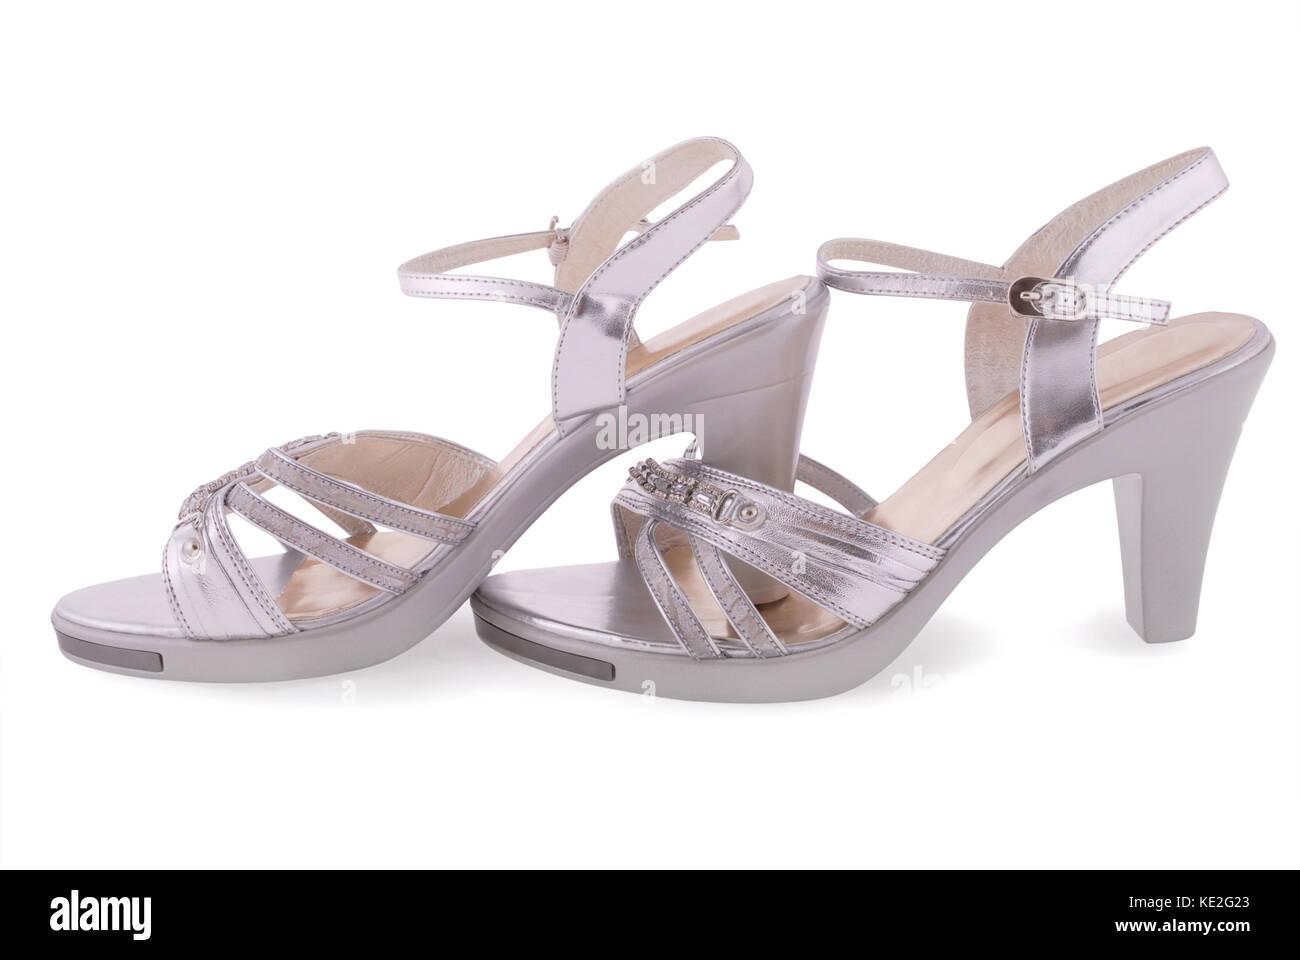 Silberne Schuhe Auf Weissem Hintergrund Stockfoto Bild 163555003